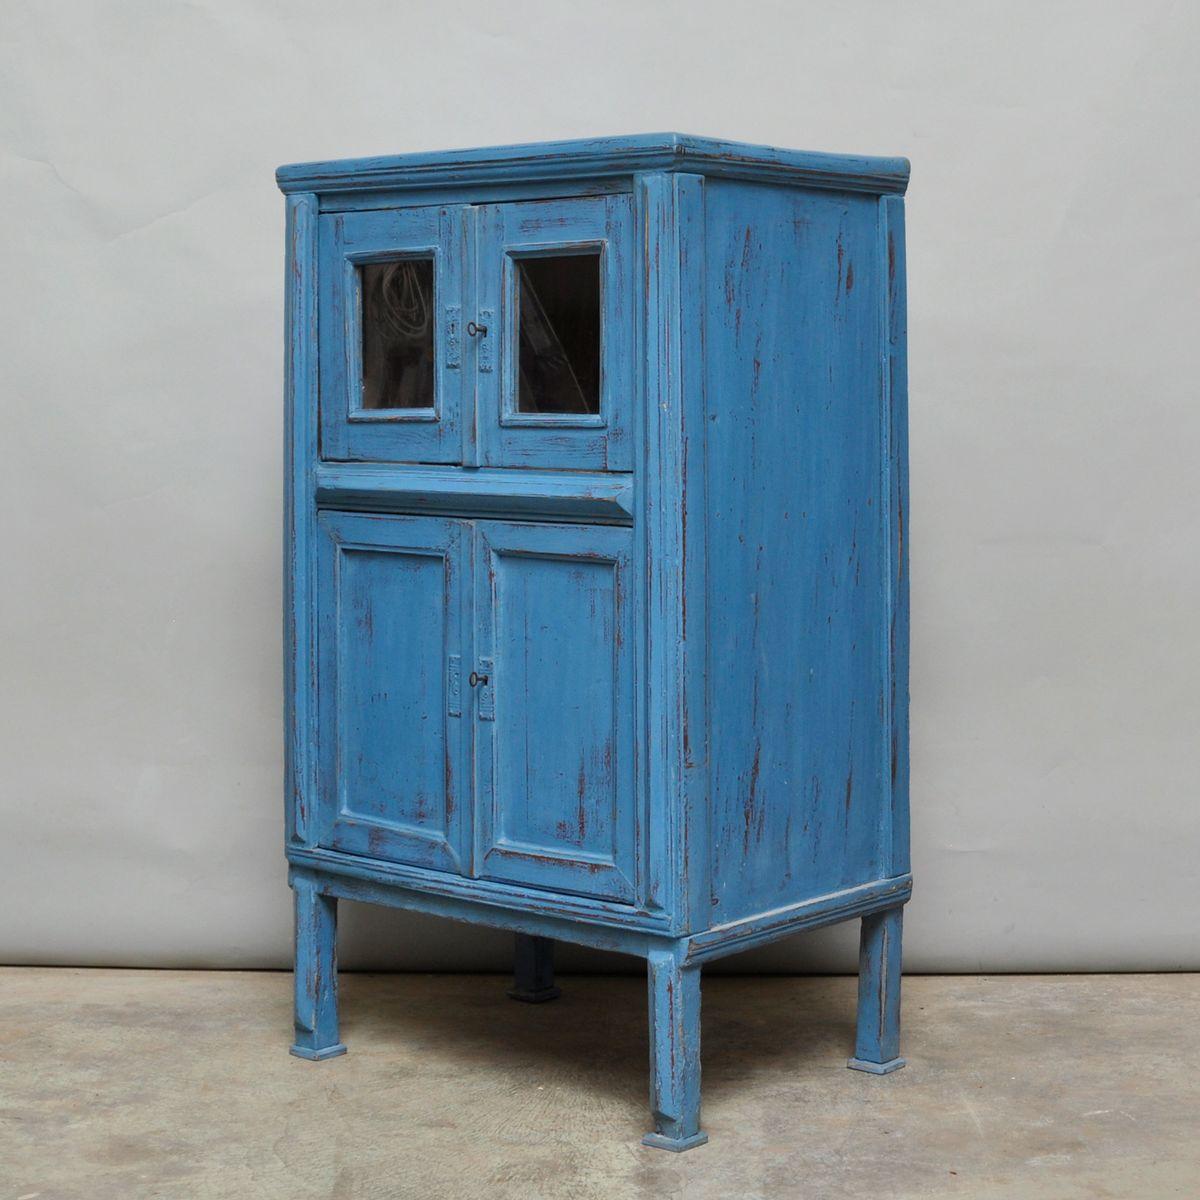 kleiner ungarischer vintage schrank aus kiefernholz. Black Bedroom Furniture Sets. Home Design Ideas